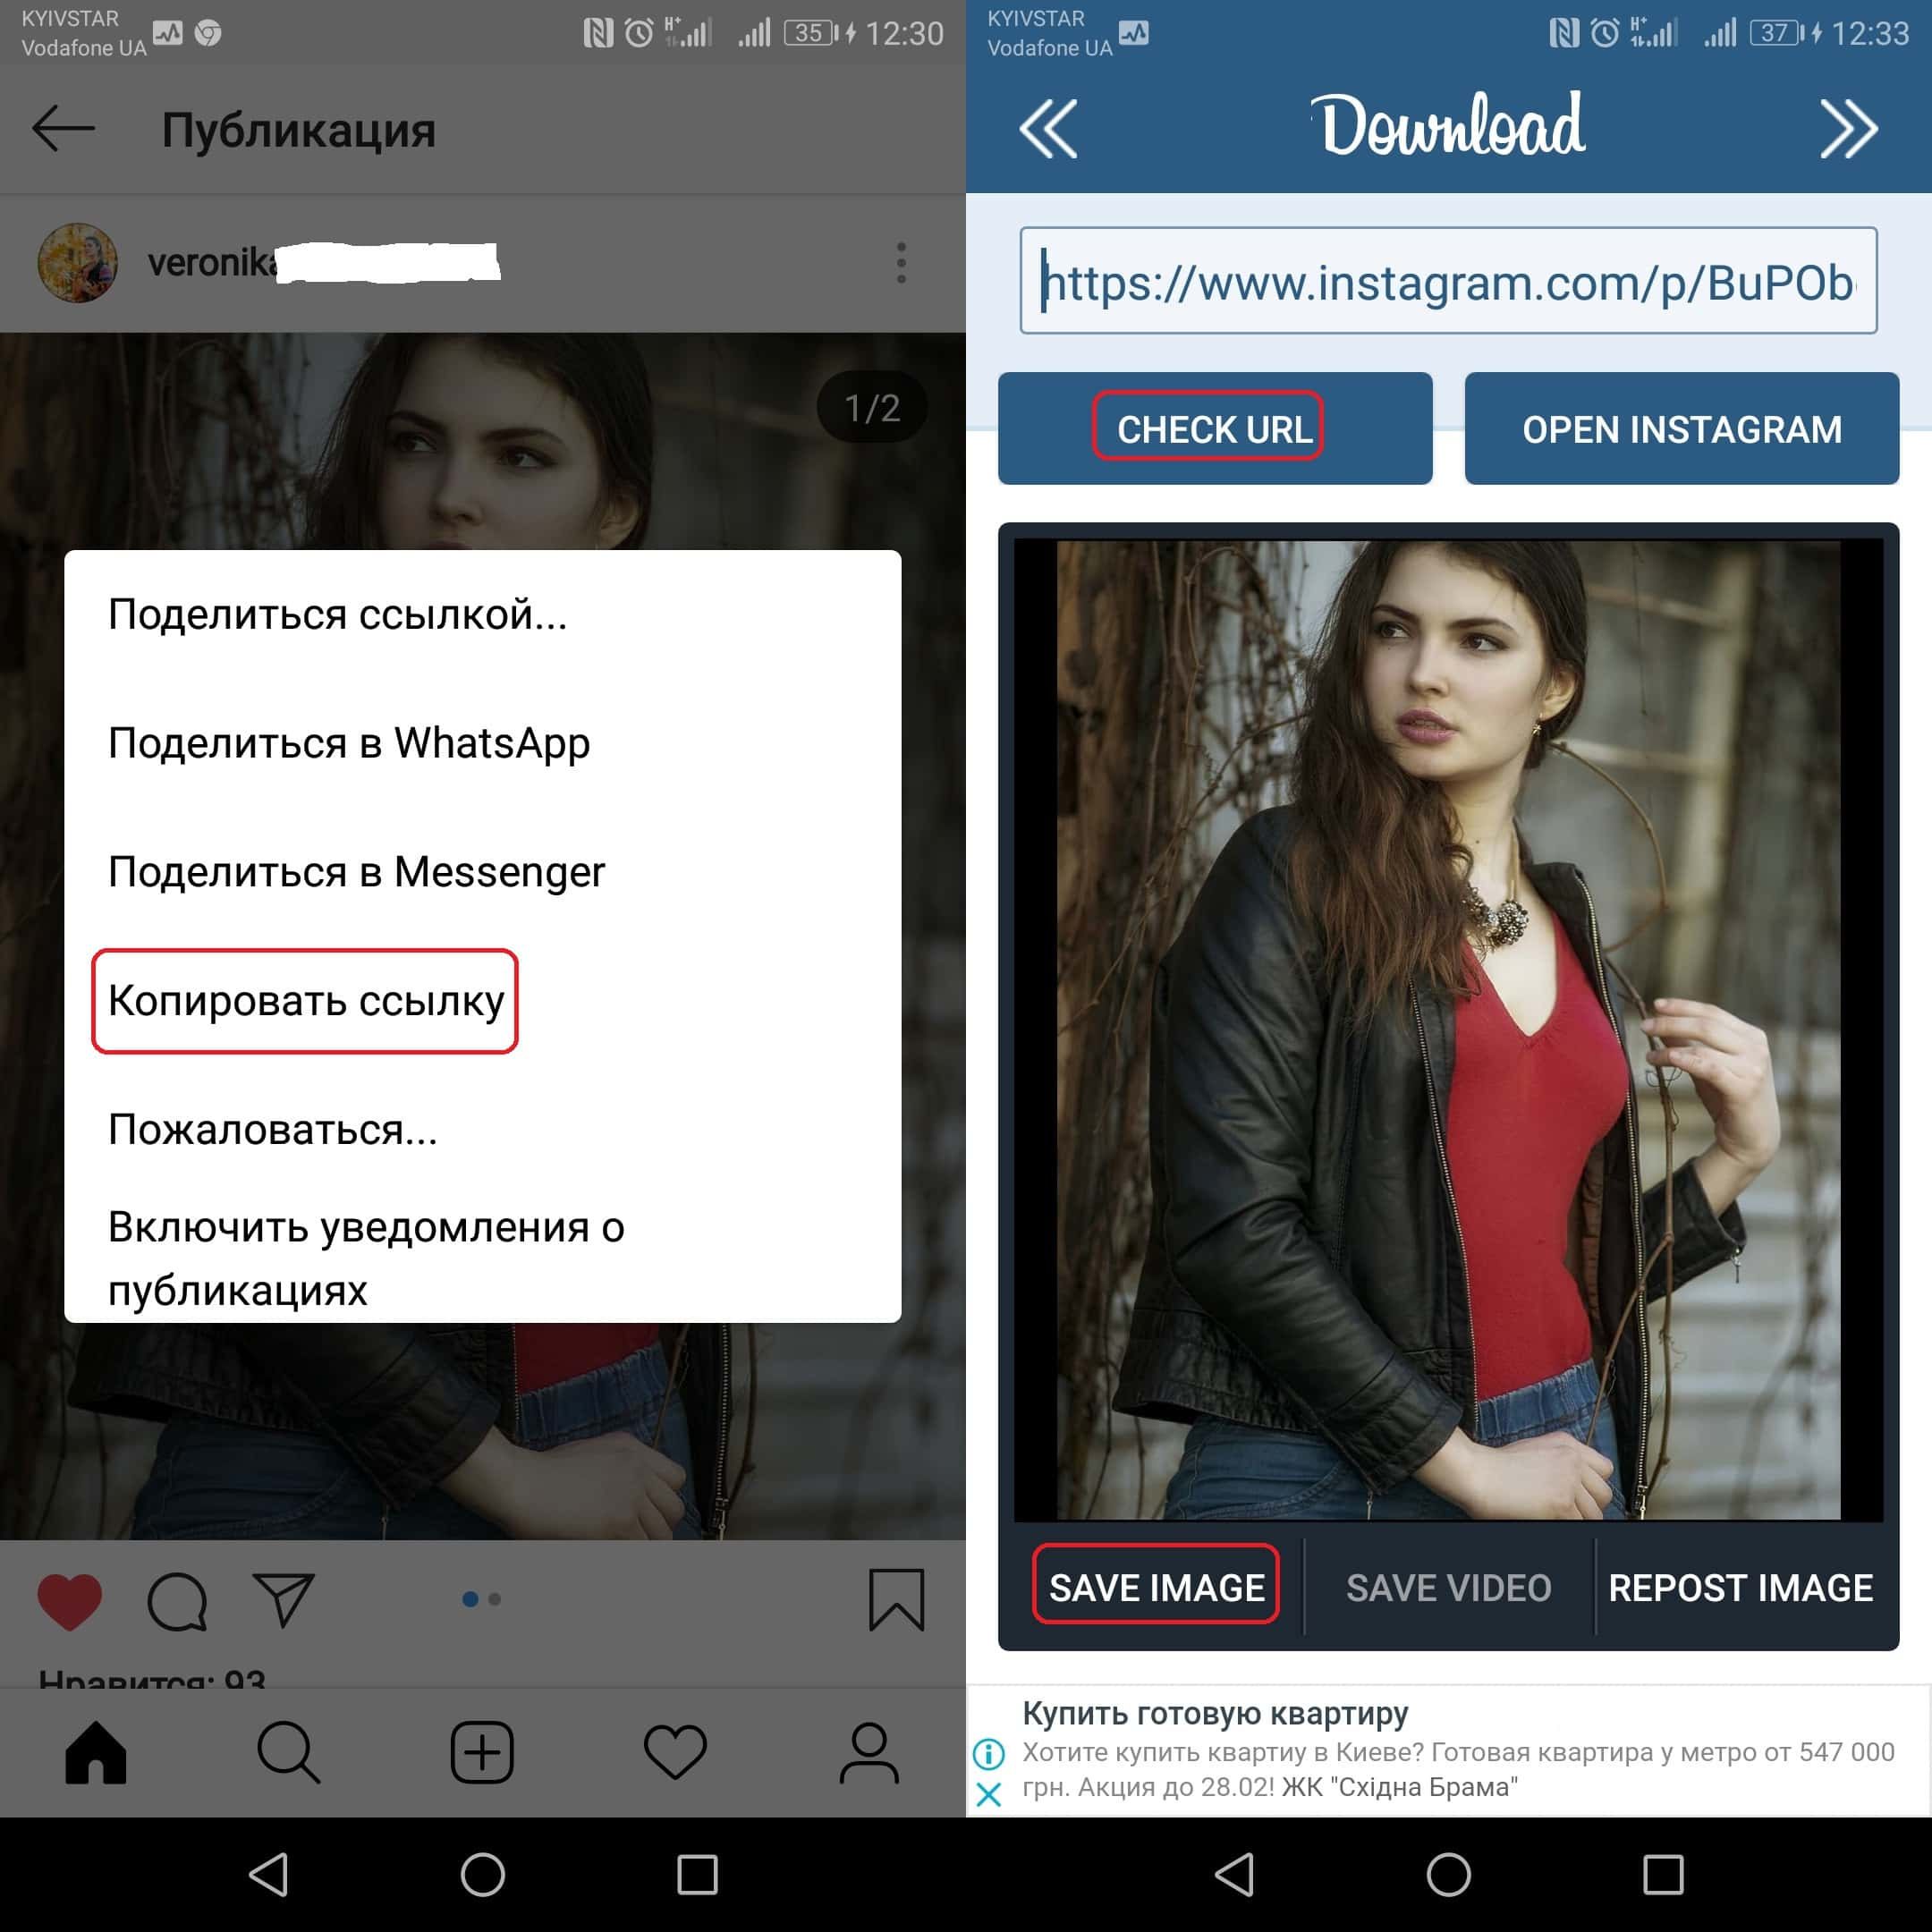 Картинка 2 Как скачивать любые фото и видео из Instagram на Android